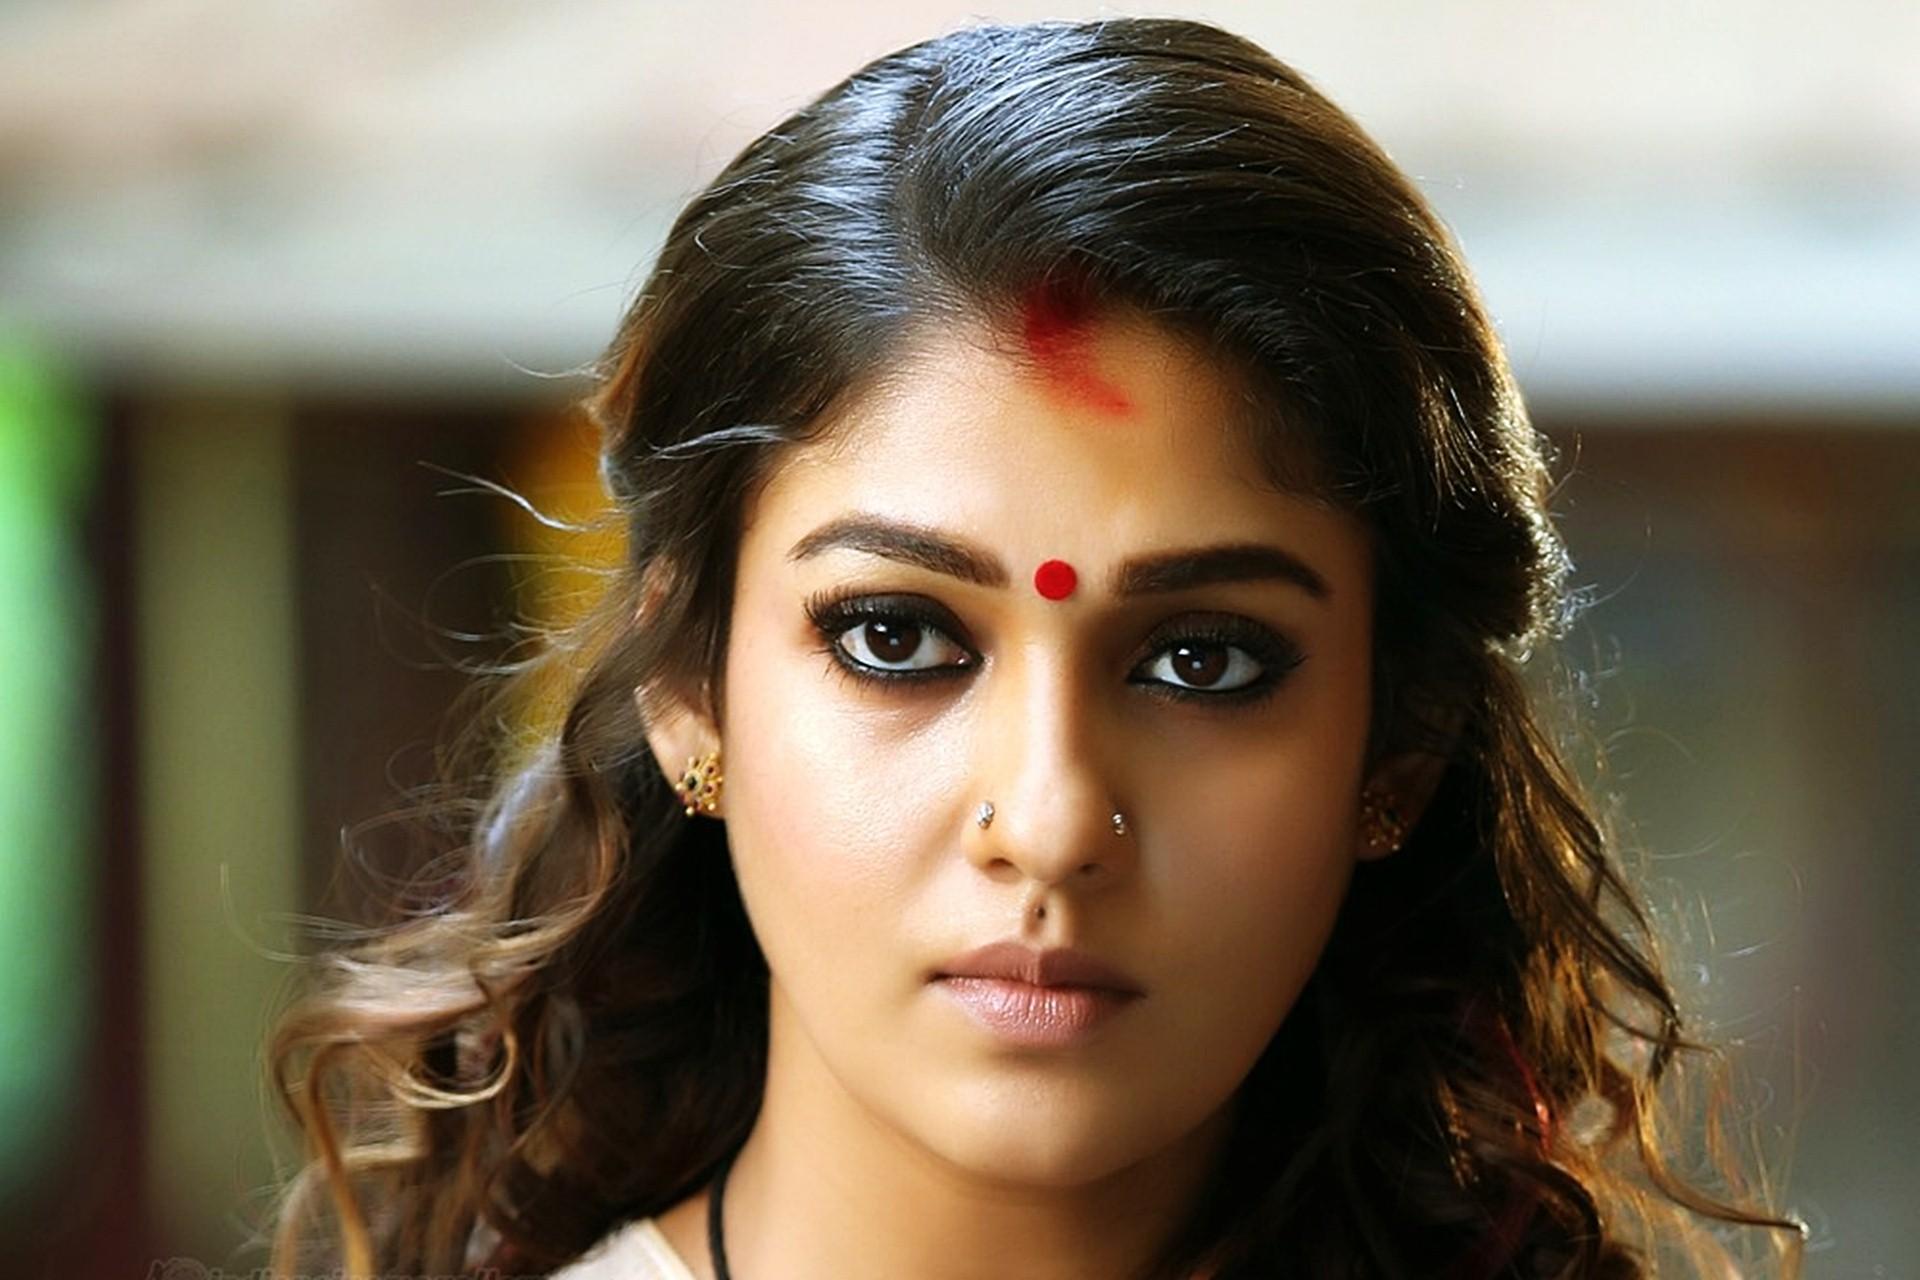 Nayanthara Actress Wallpaper - Nayanthara Hot In Puthiya Niyamam - HD Wallpaper